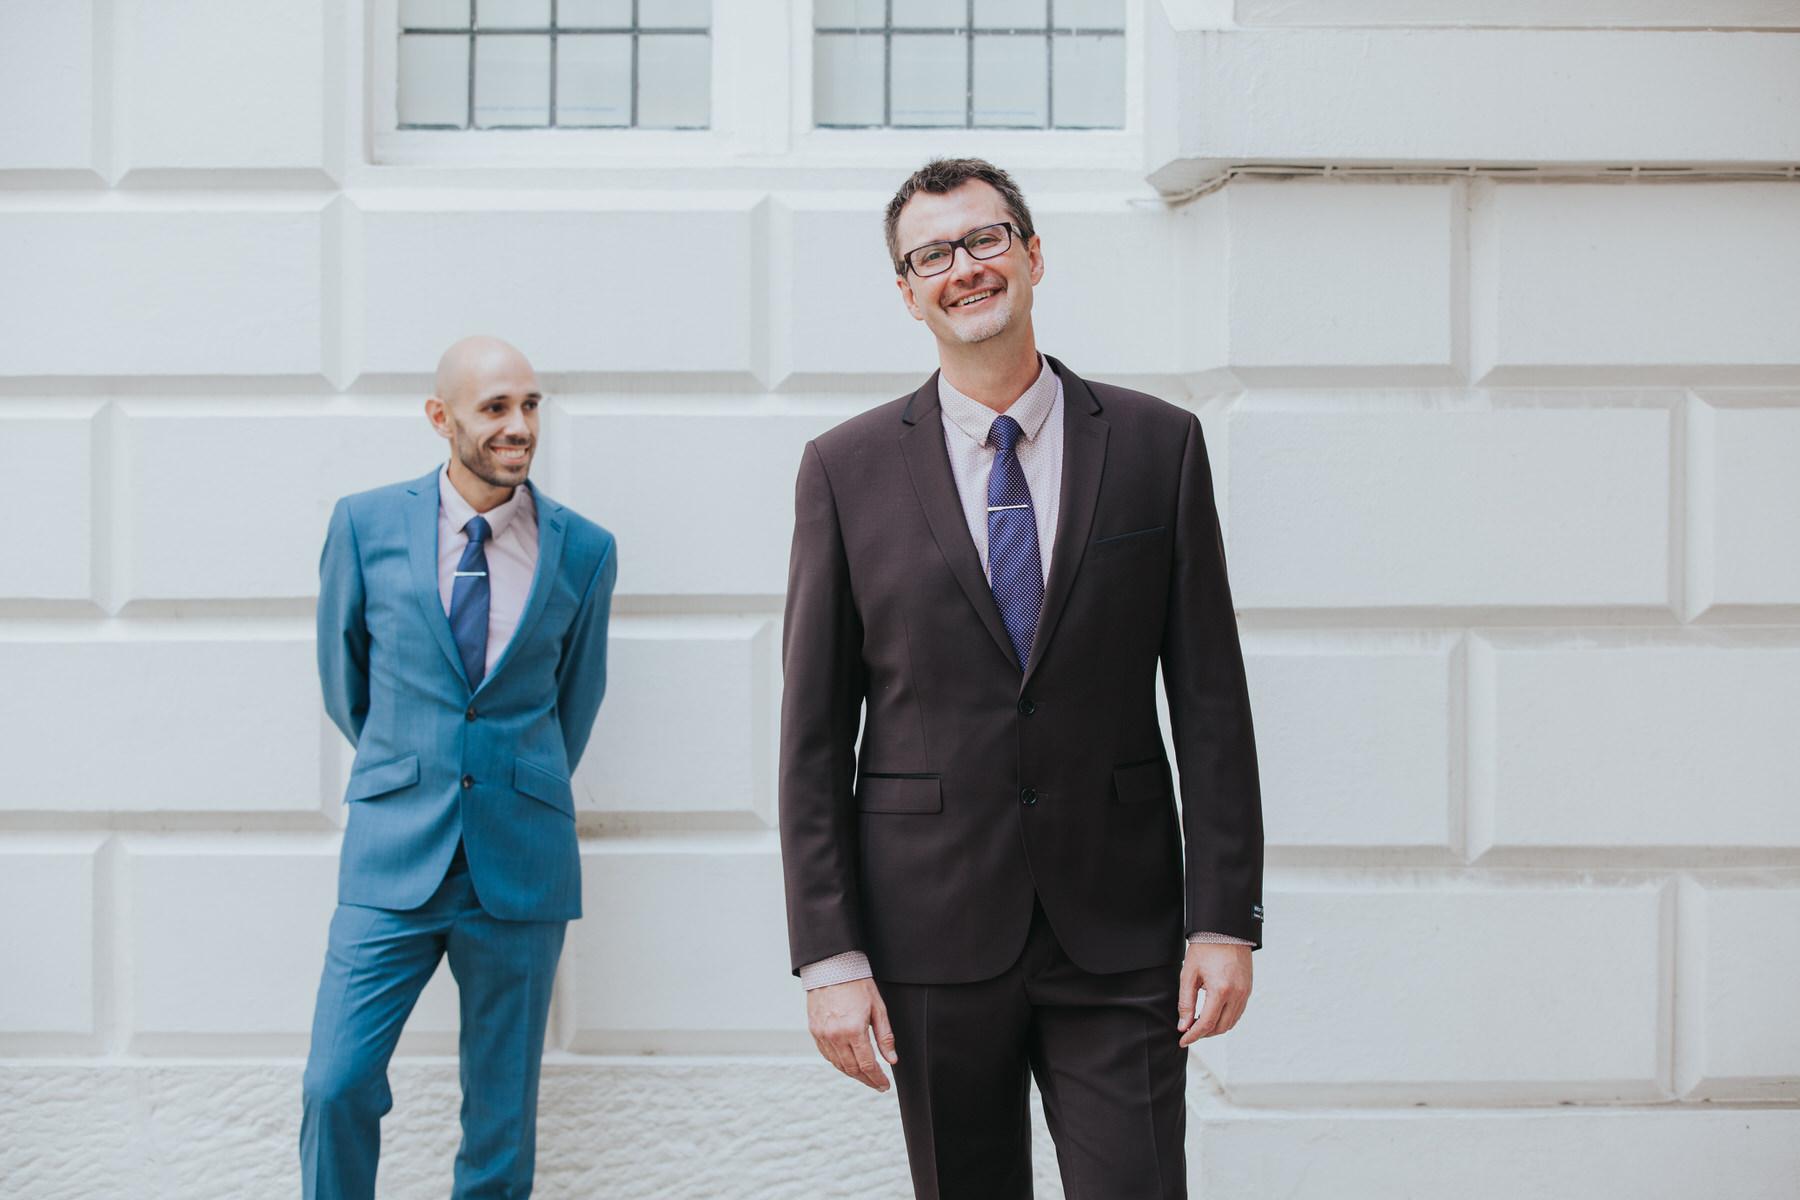 Trafalgar Tavern Greenwich Same-Sex Wedding.jpg